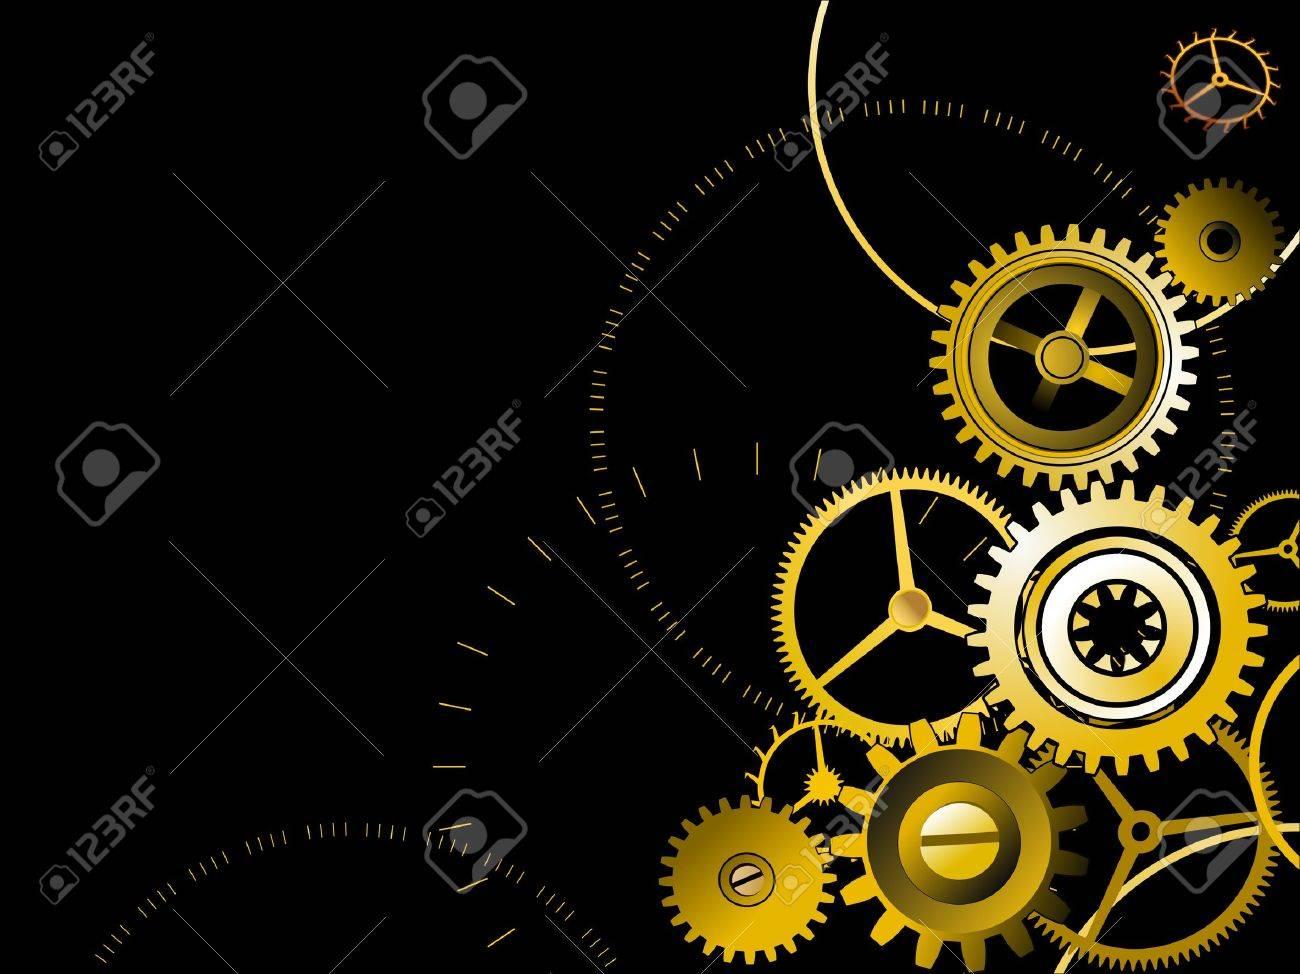 Golden gears background Stock Vector - 5037560